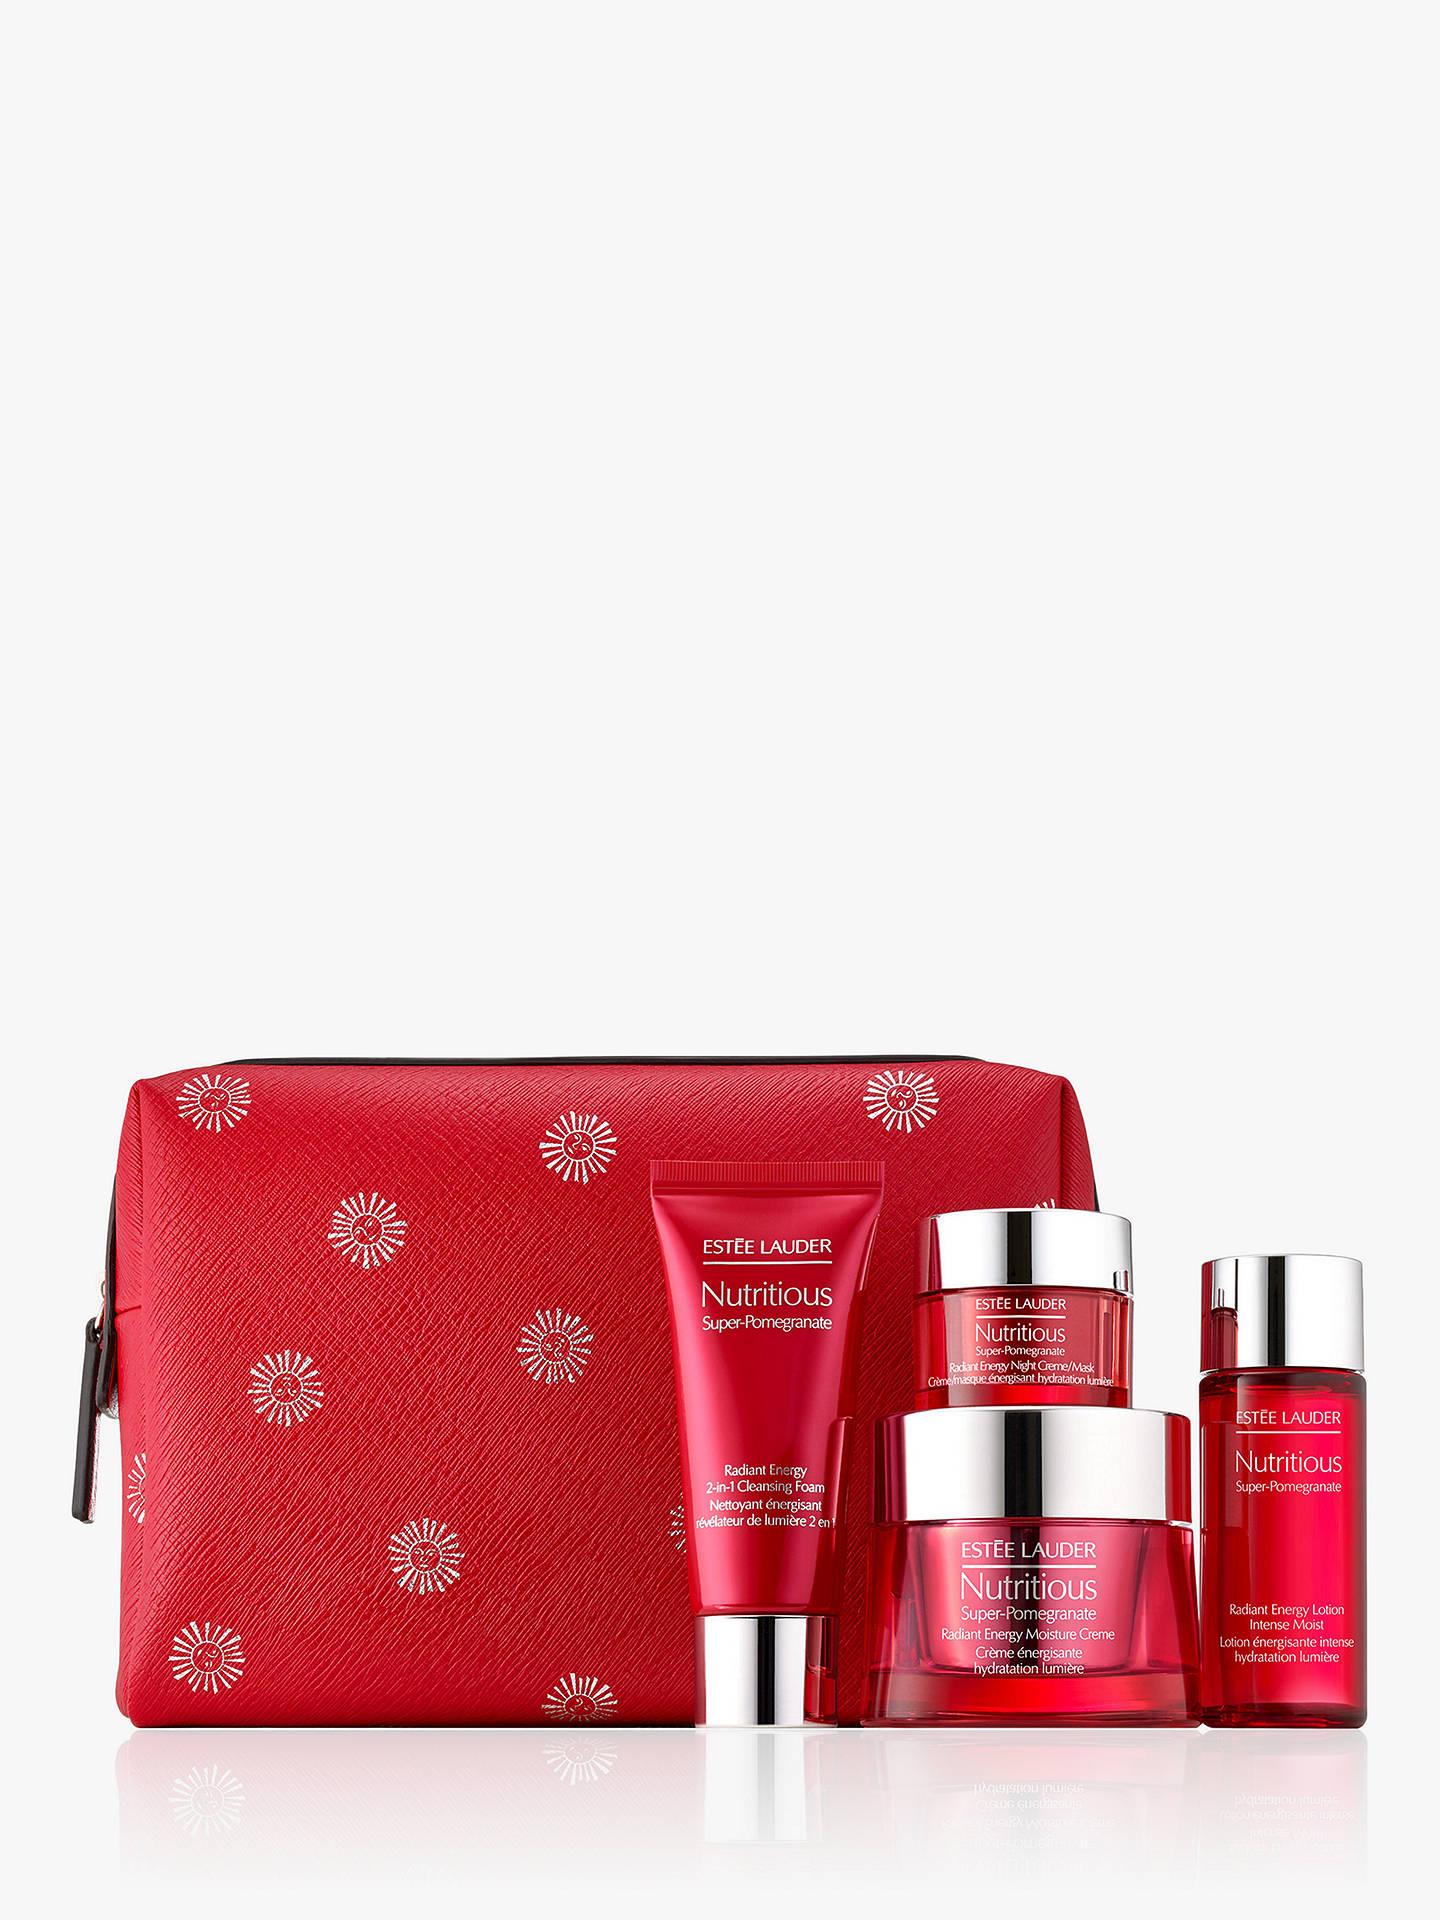 Estée Lauder Nutritious Day Detox Skincare Gift Set by EstÉe Lauder